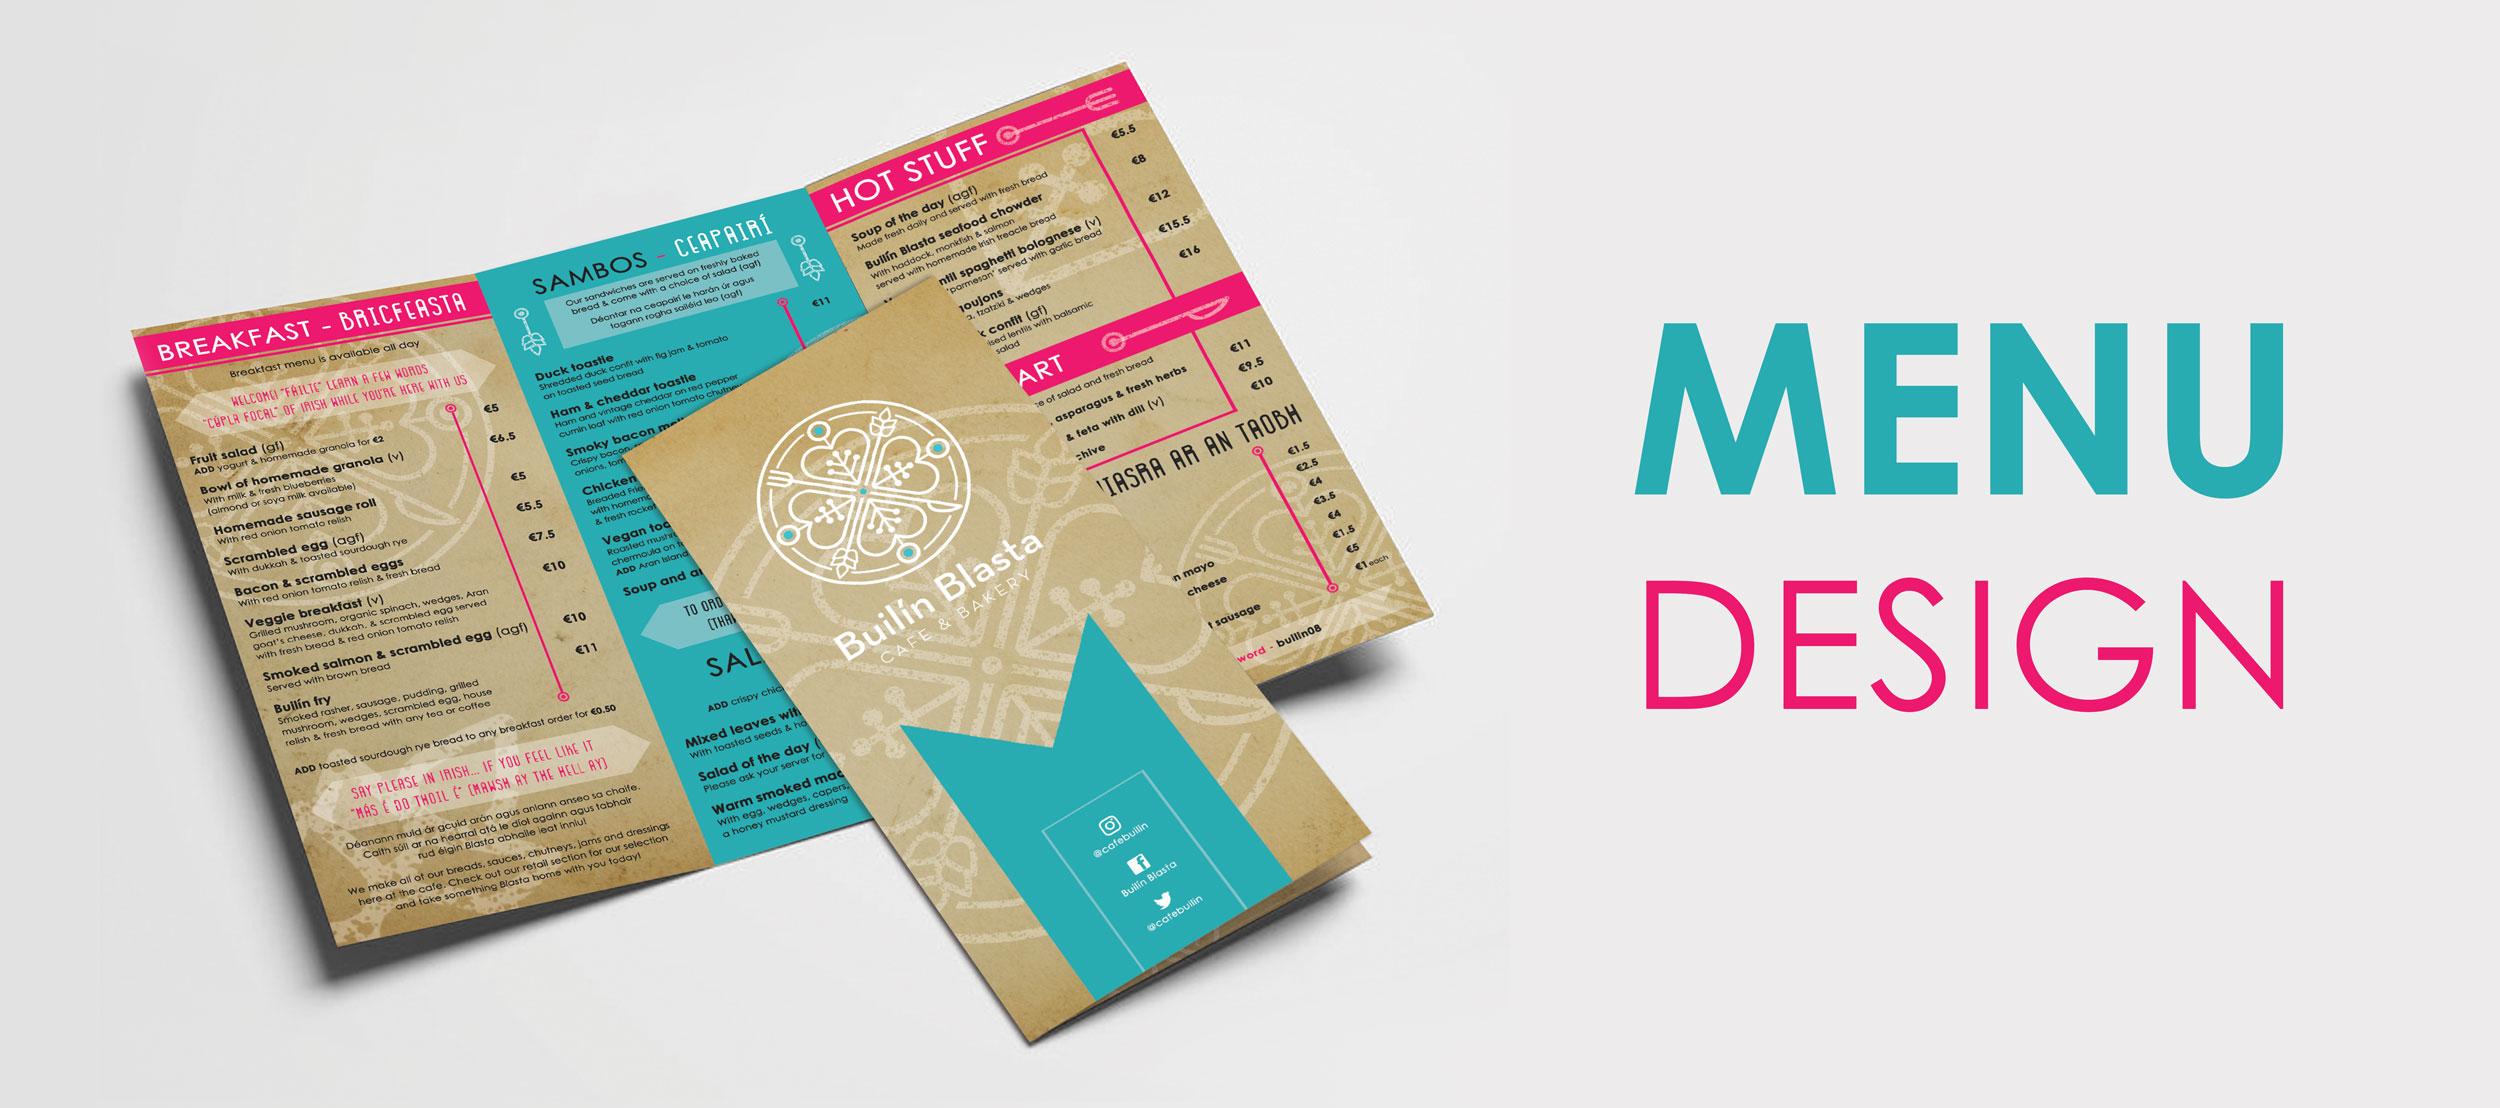 Menu-Design-2.jpg